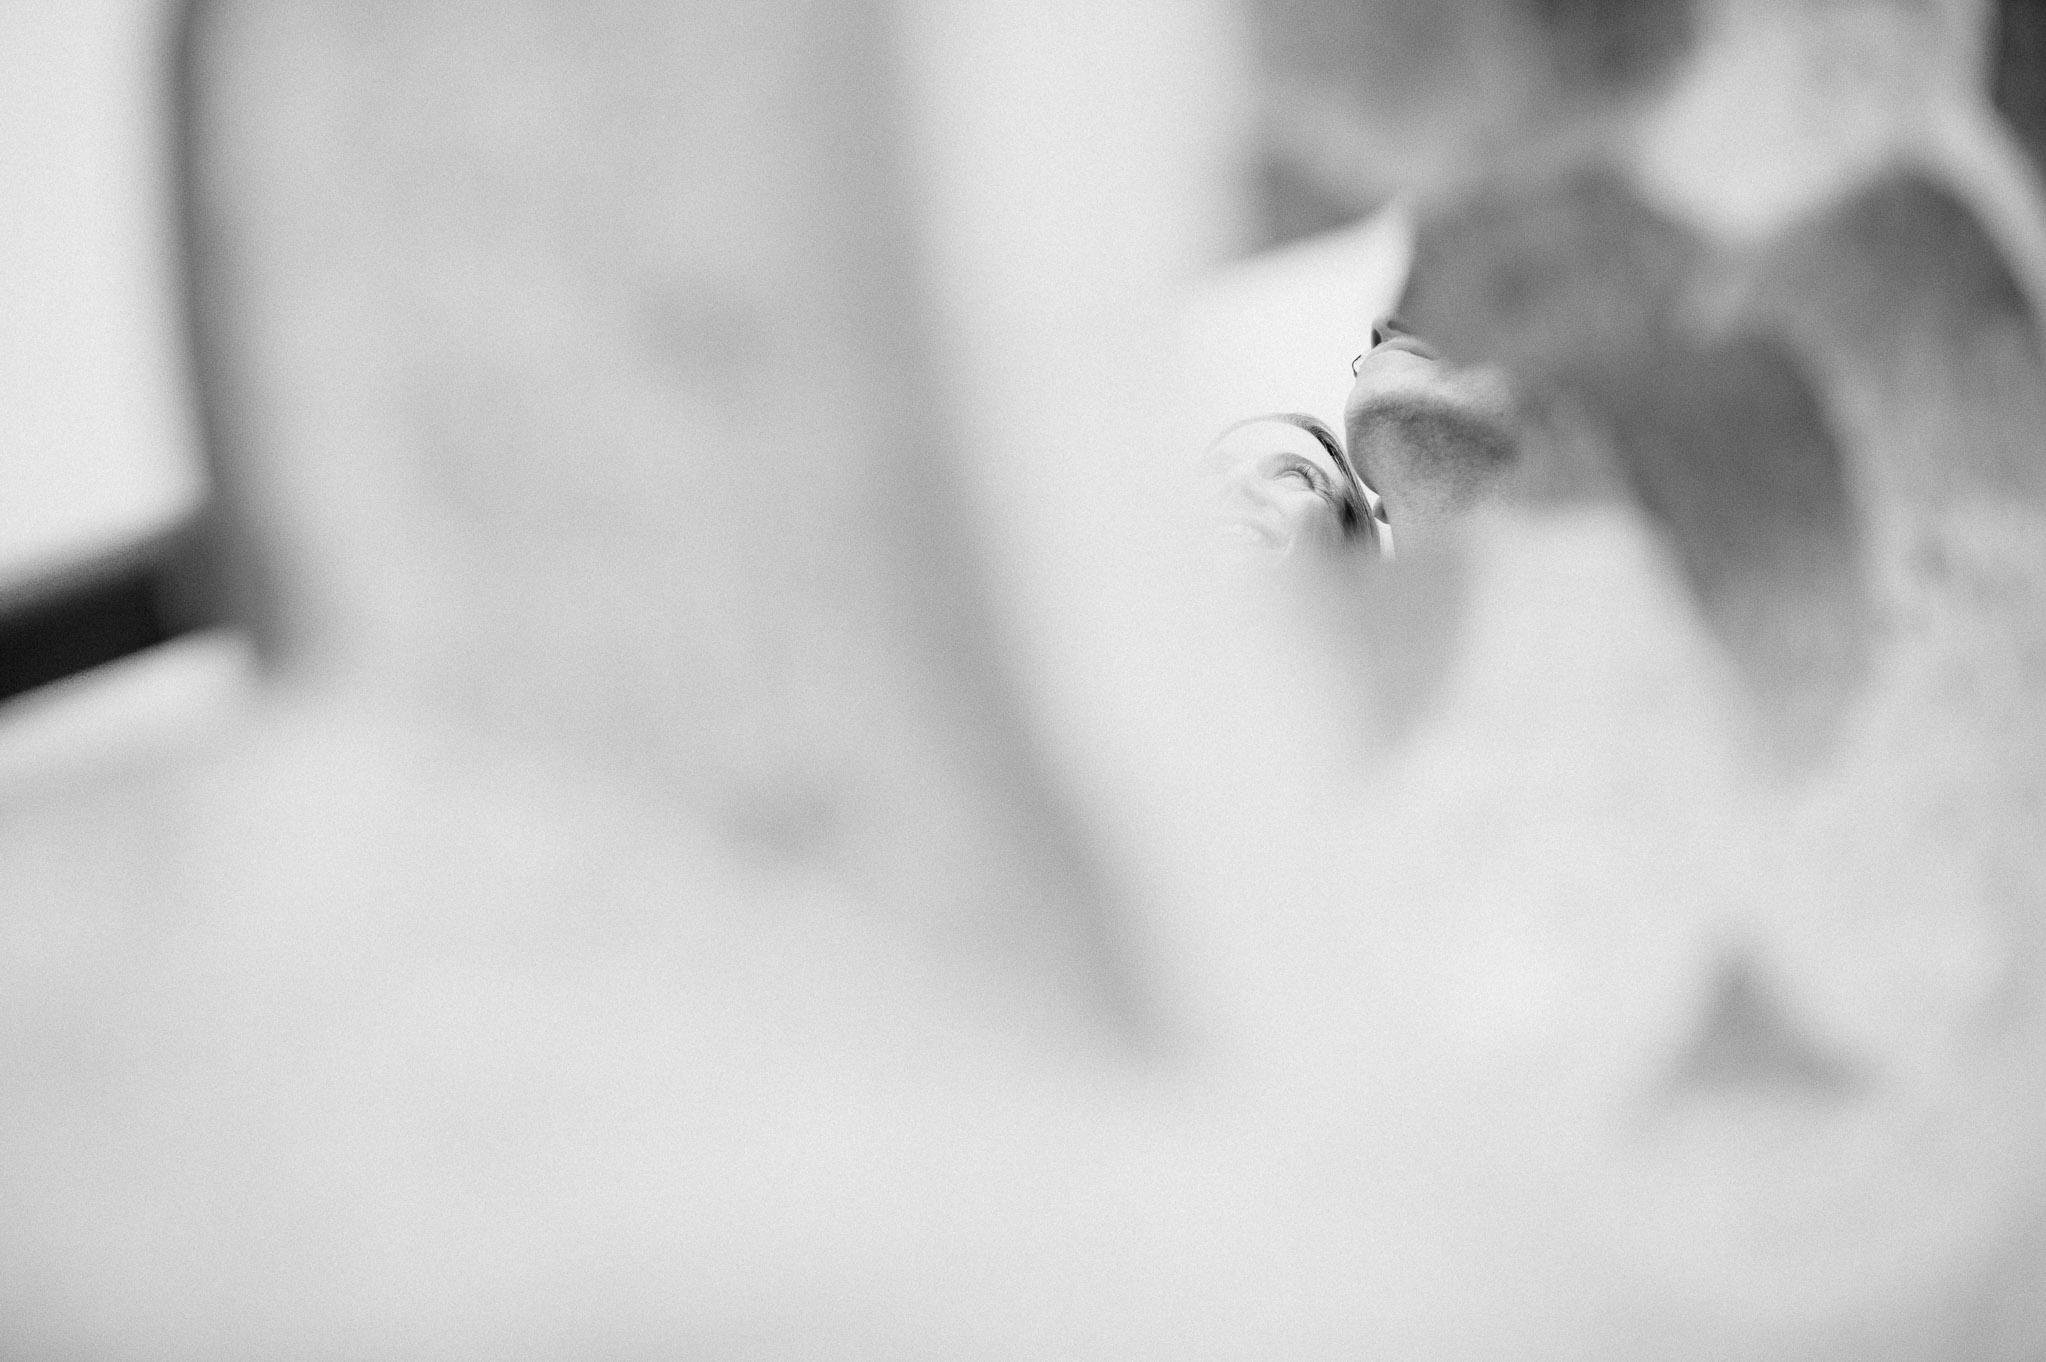 hochzeitsfotograf_andreas_jacob_engagement_rosenheim_048